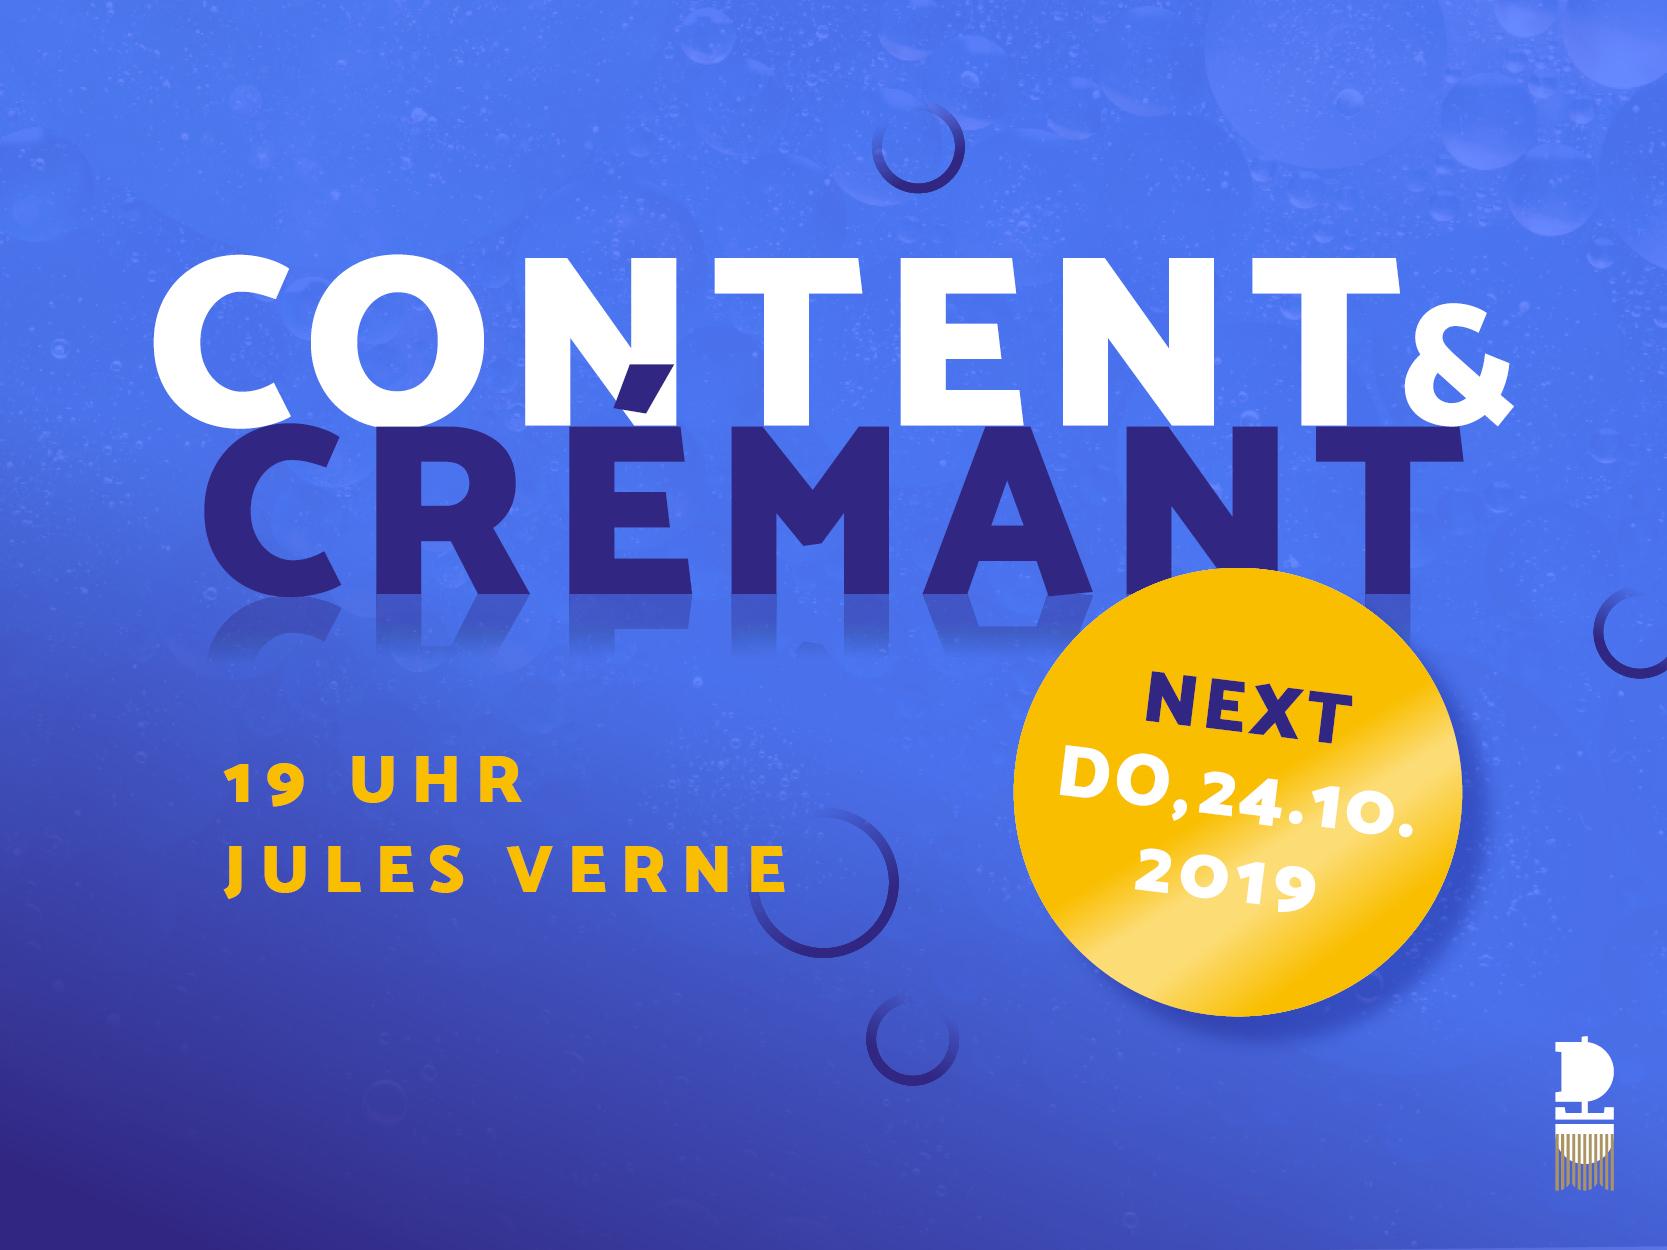 Content & Cremant Vol. 15